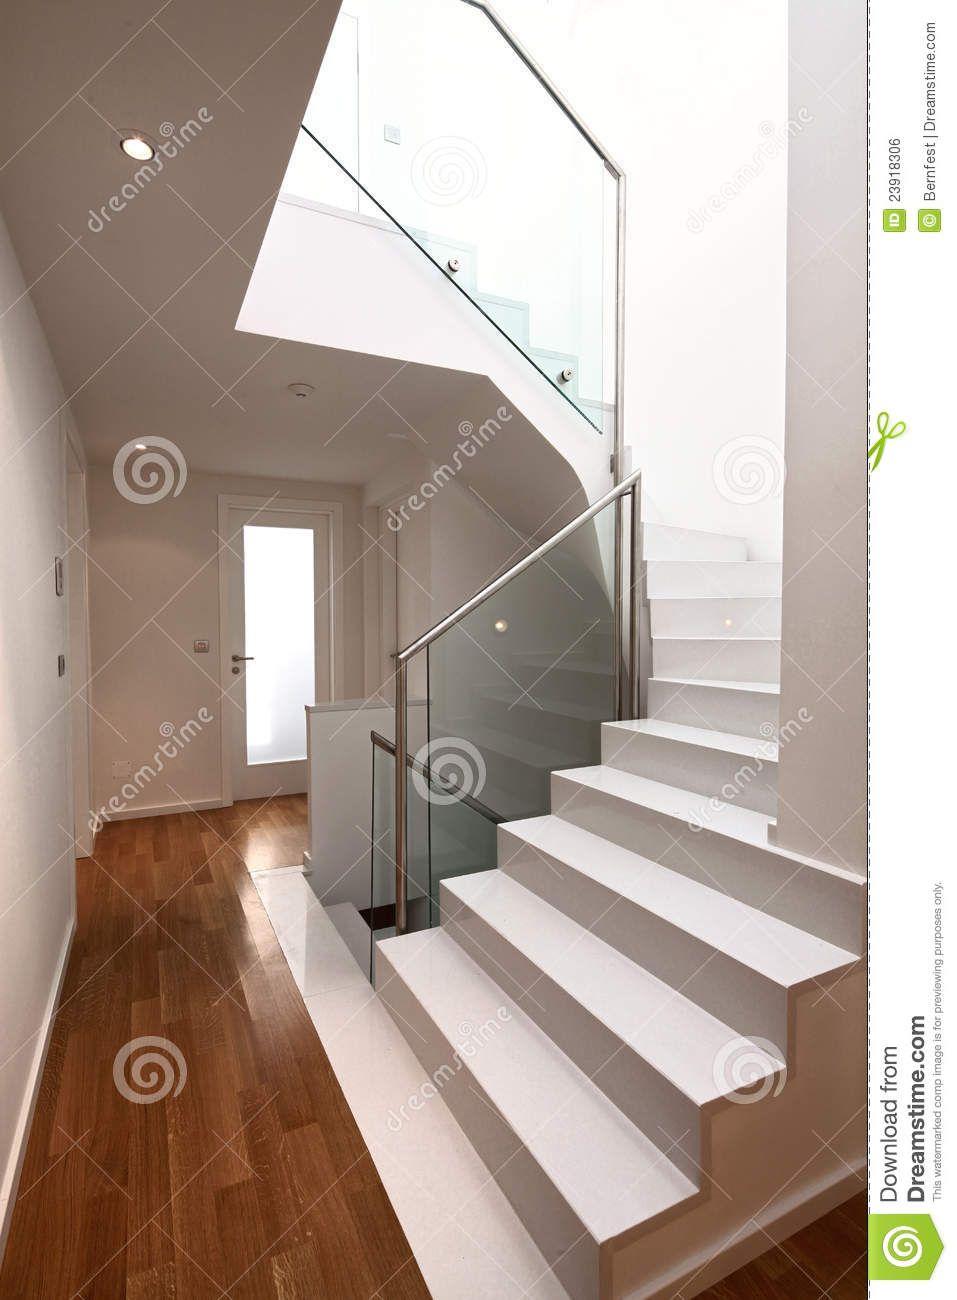 Escaleras blancas decorando la vida escaleras - Fotos de escaleras modernas ...